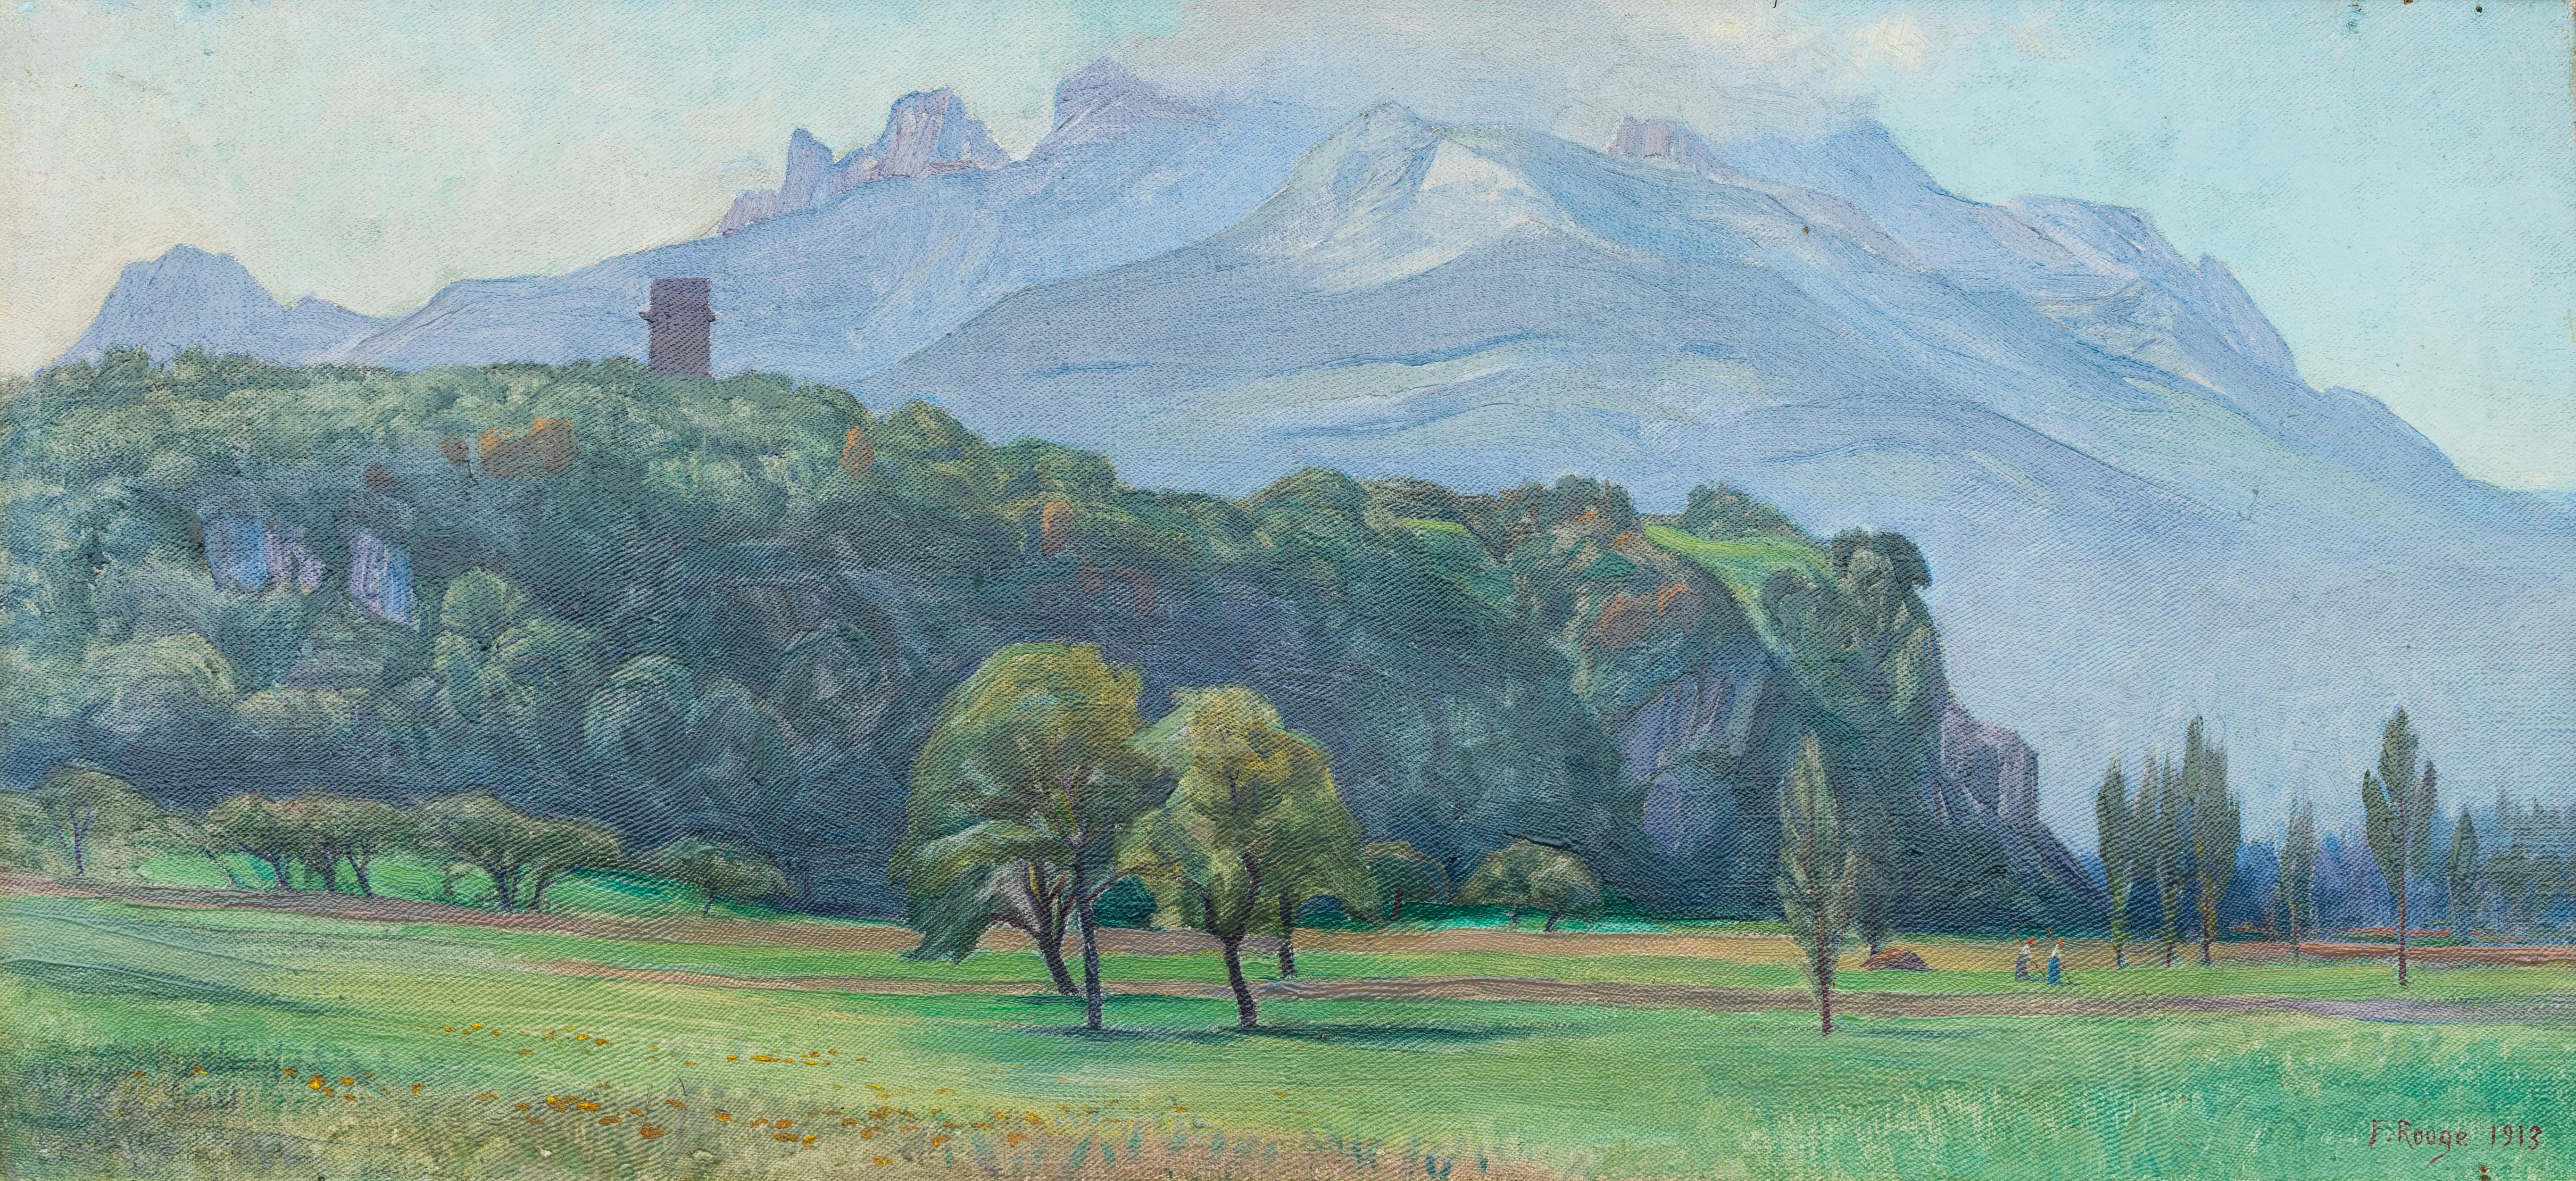 La Tour de Saint-Triphon et les Dents du Midi dans le brouillard, 1913. Huile sur toile 38 x 62cm (dimensions avec cadre). Collection privée